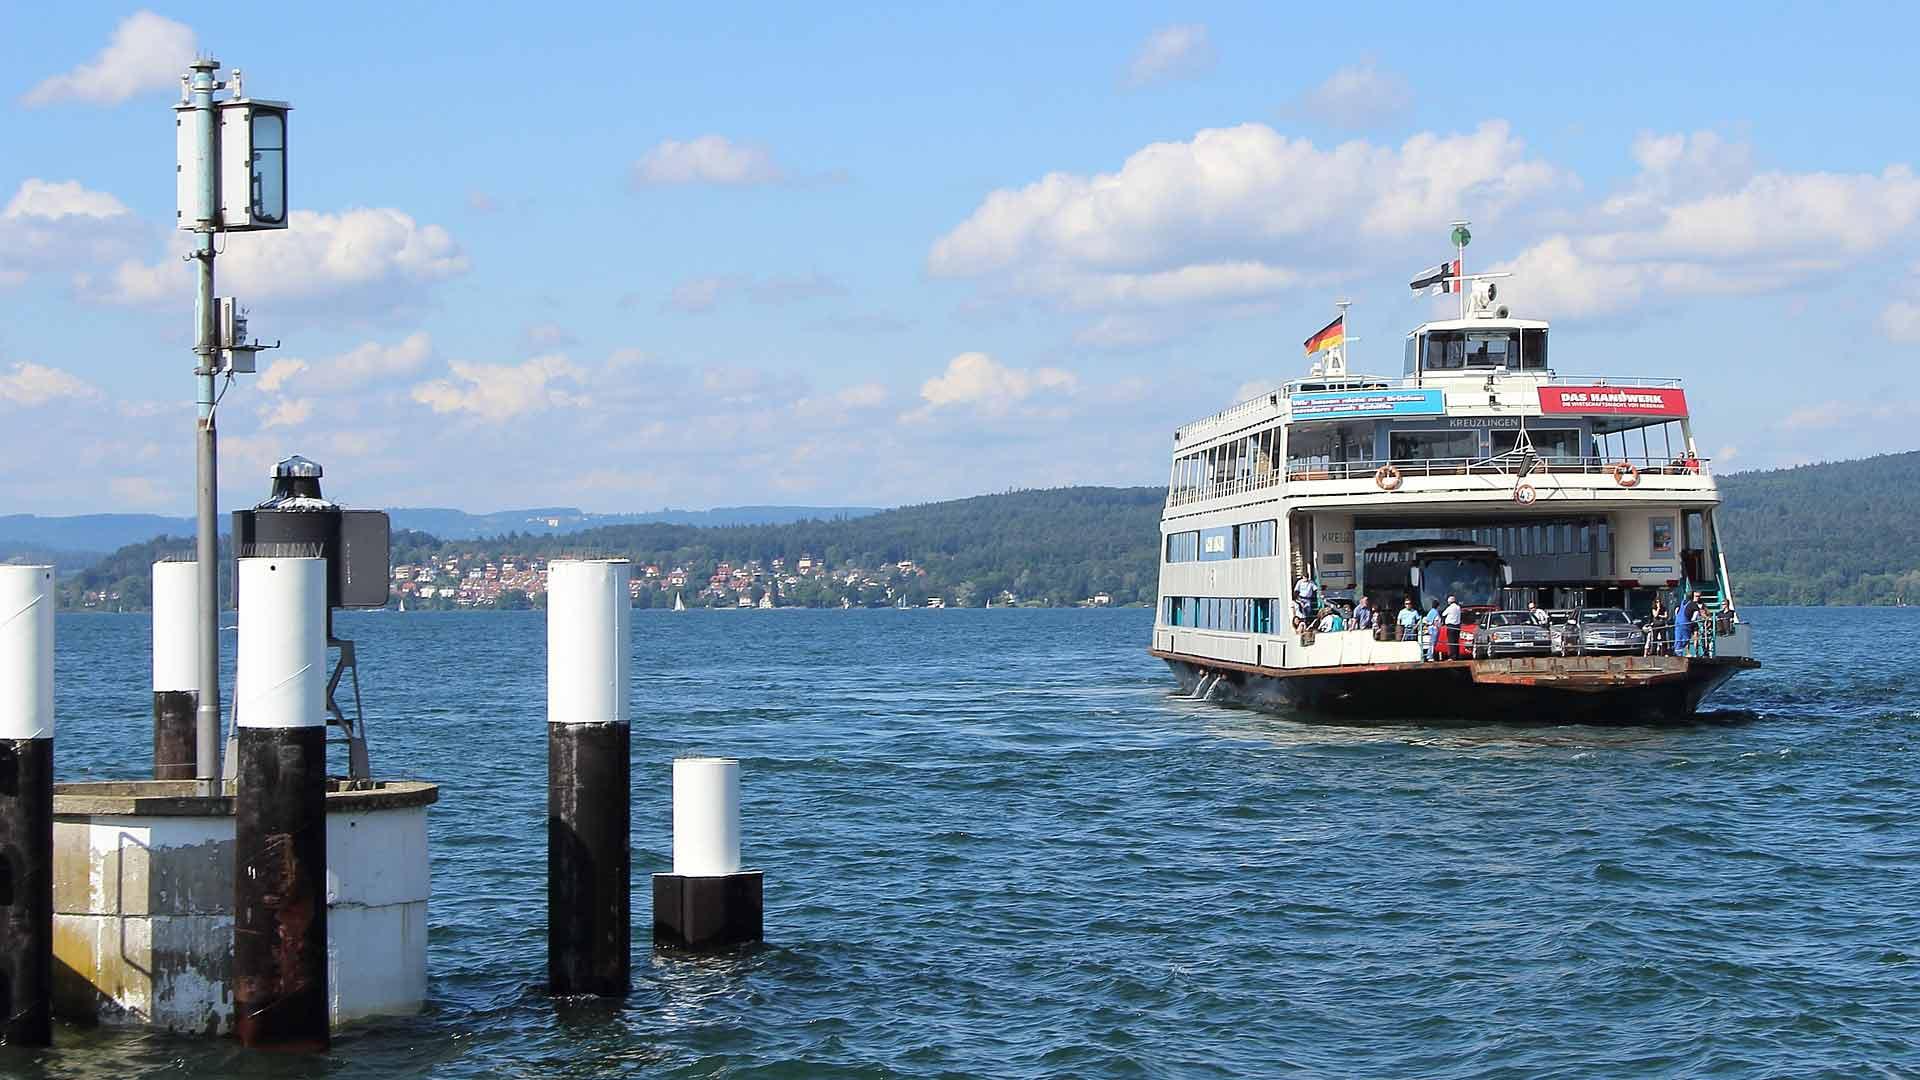 De oevers van de Bodensee zijn met elkaar verbonden d.m.v. veerboten.